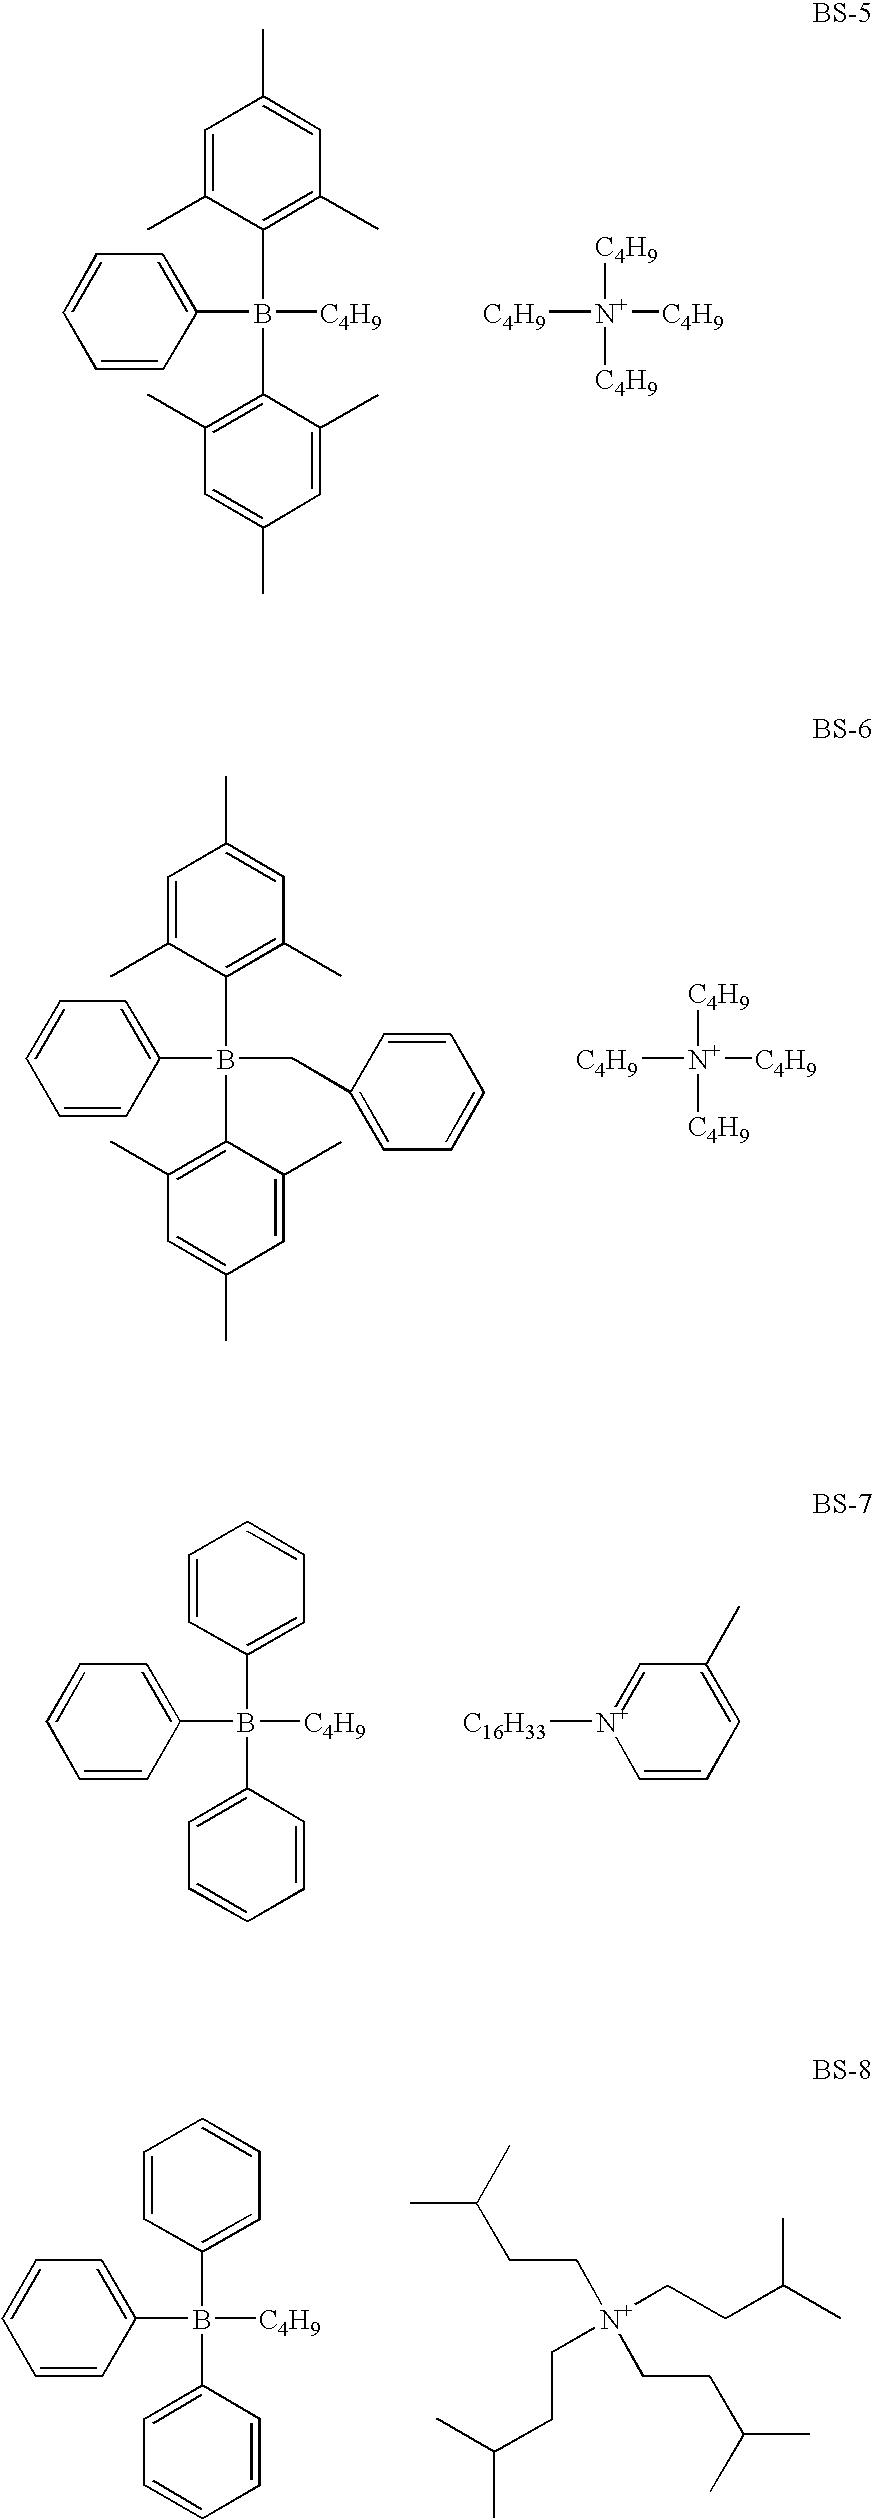 Figure US20050084789A1-20050421-C00010